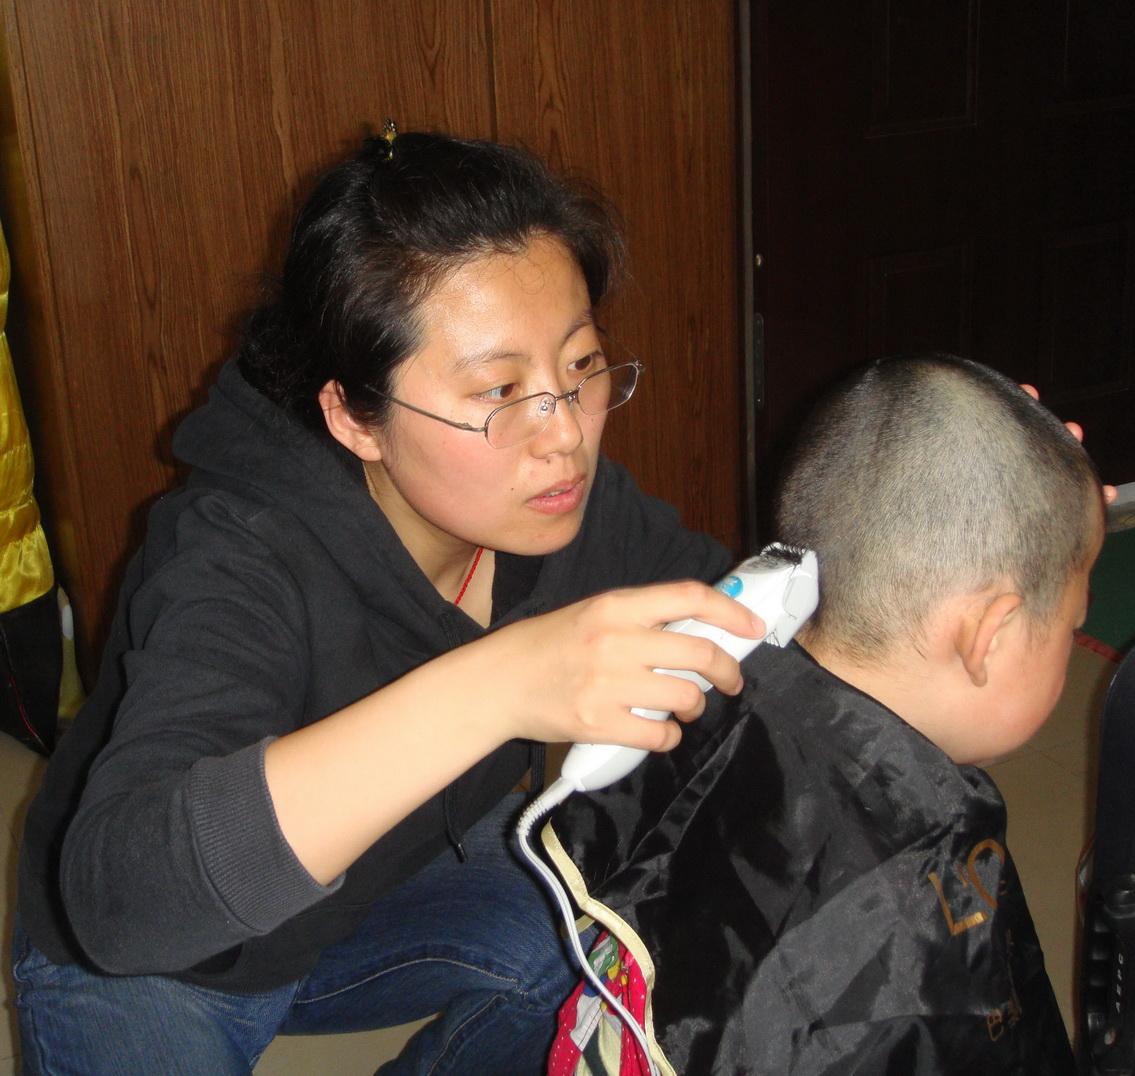 6岁女童发型图片大全 6岁女童发型短发 6岁女童发型扎法图图片